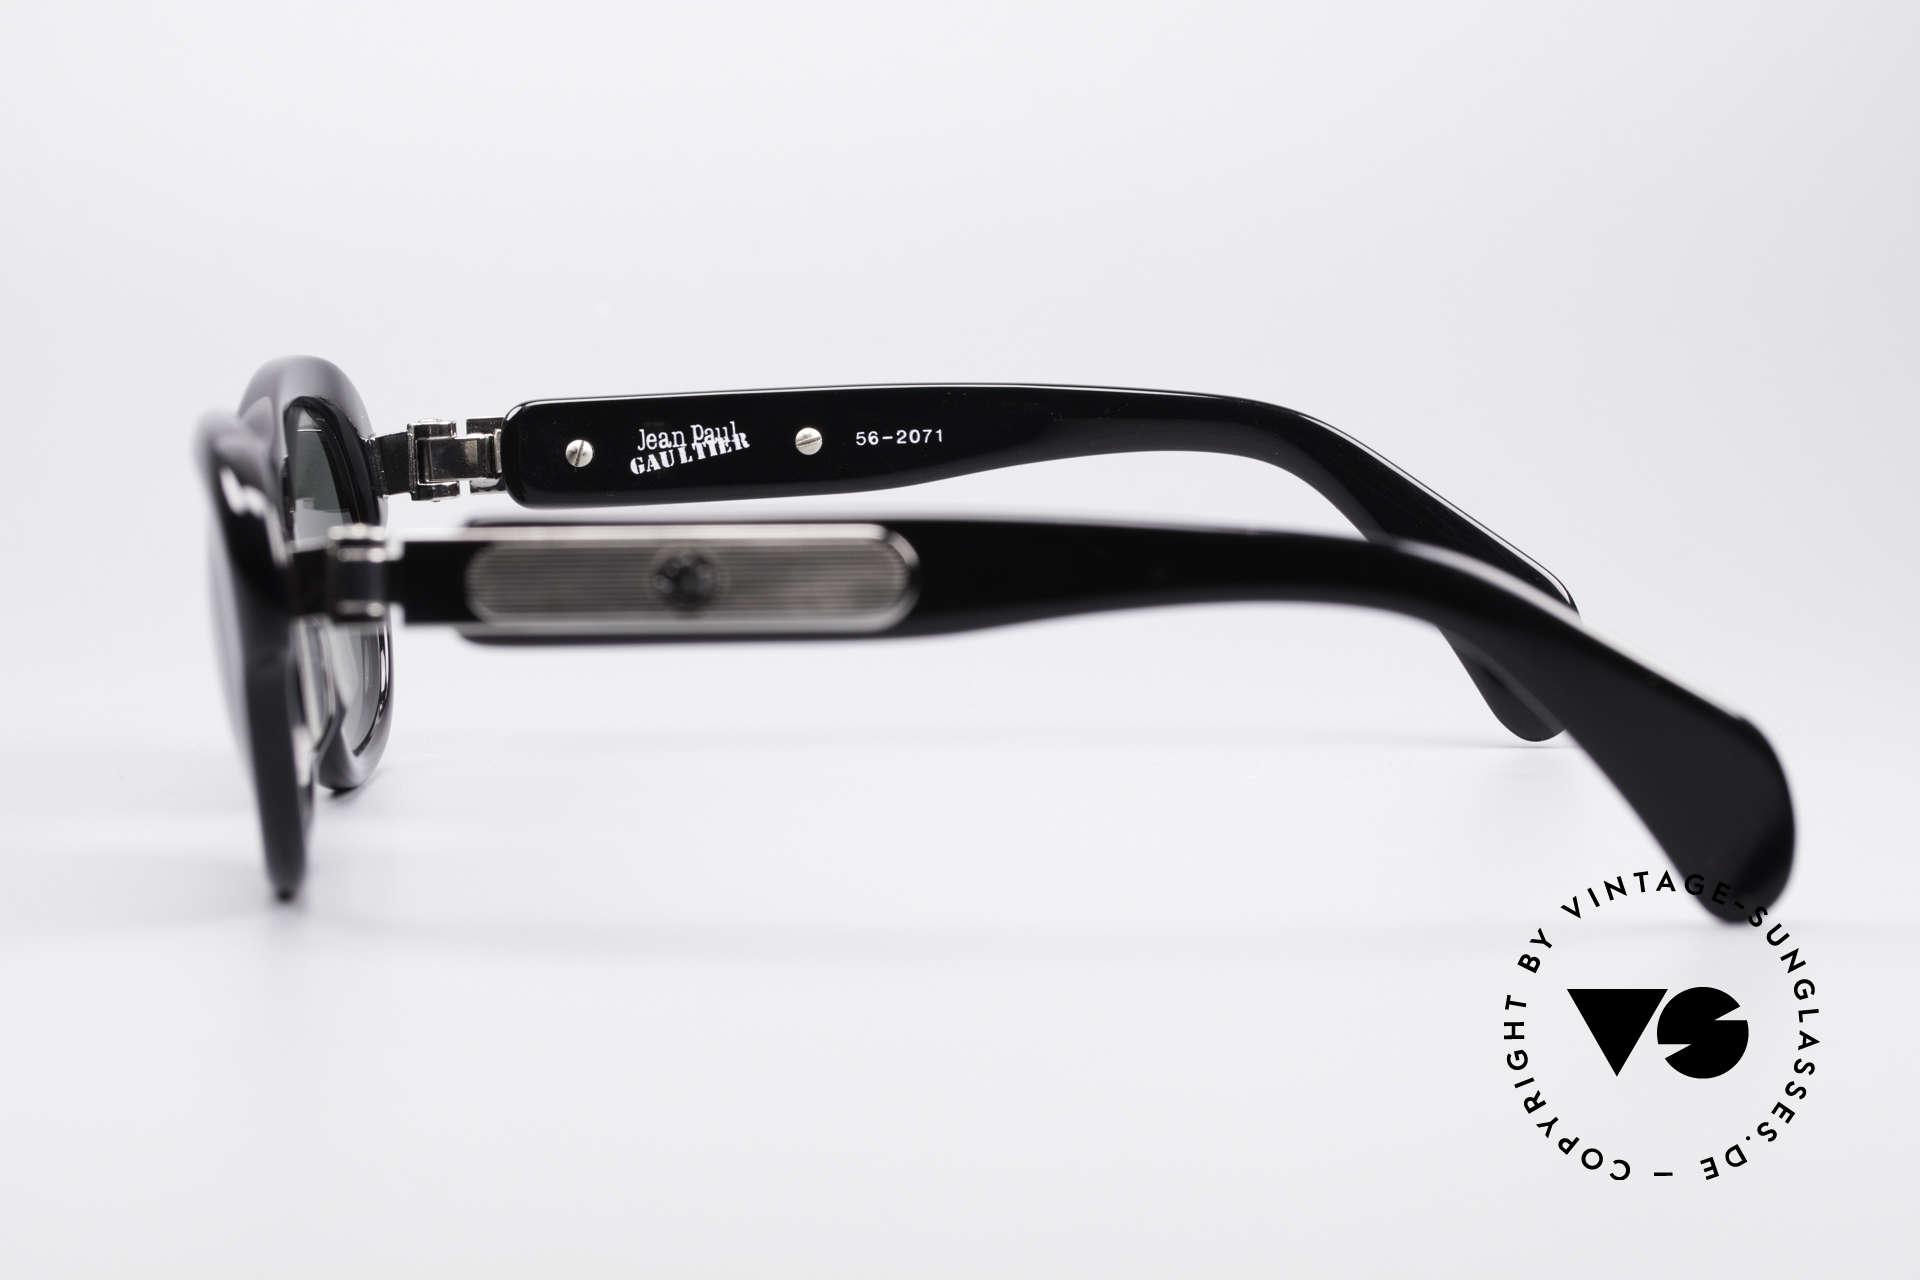 Jean Paul Gaultier 56-2071 No Retro True Vintage Brille, KEINE RETROBRILLE; ein altes Original von 1995/96, Passend für Damen